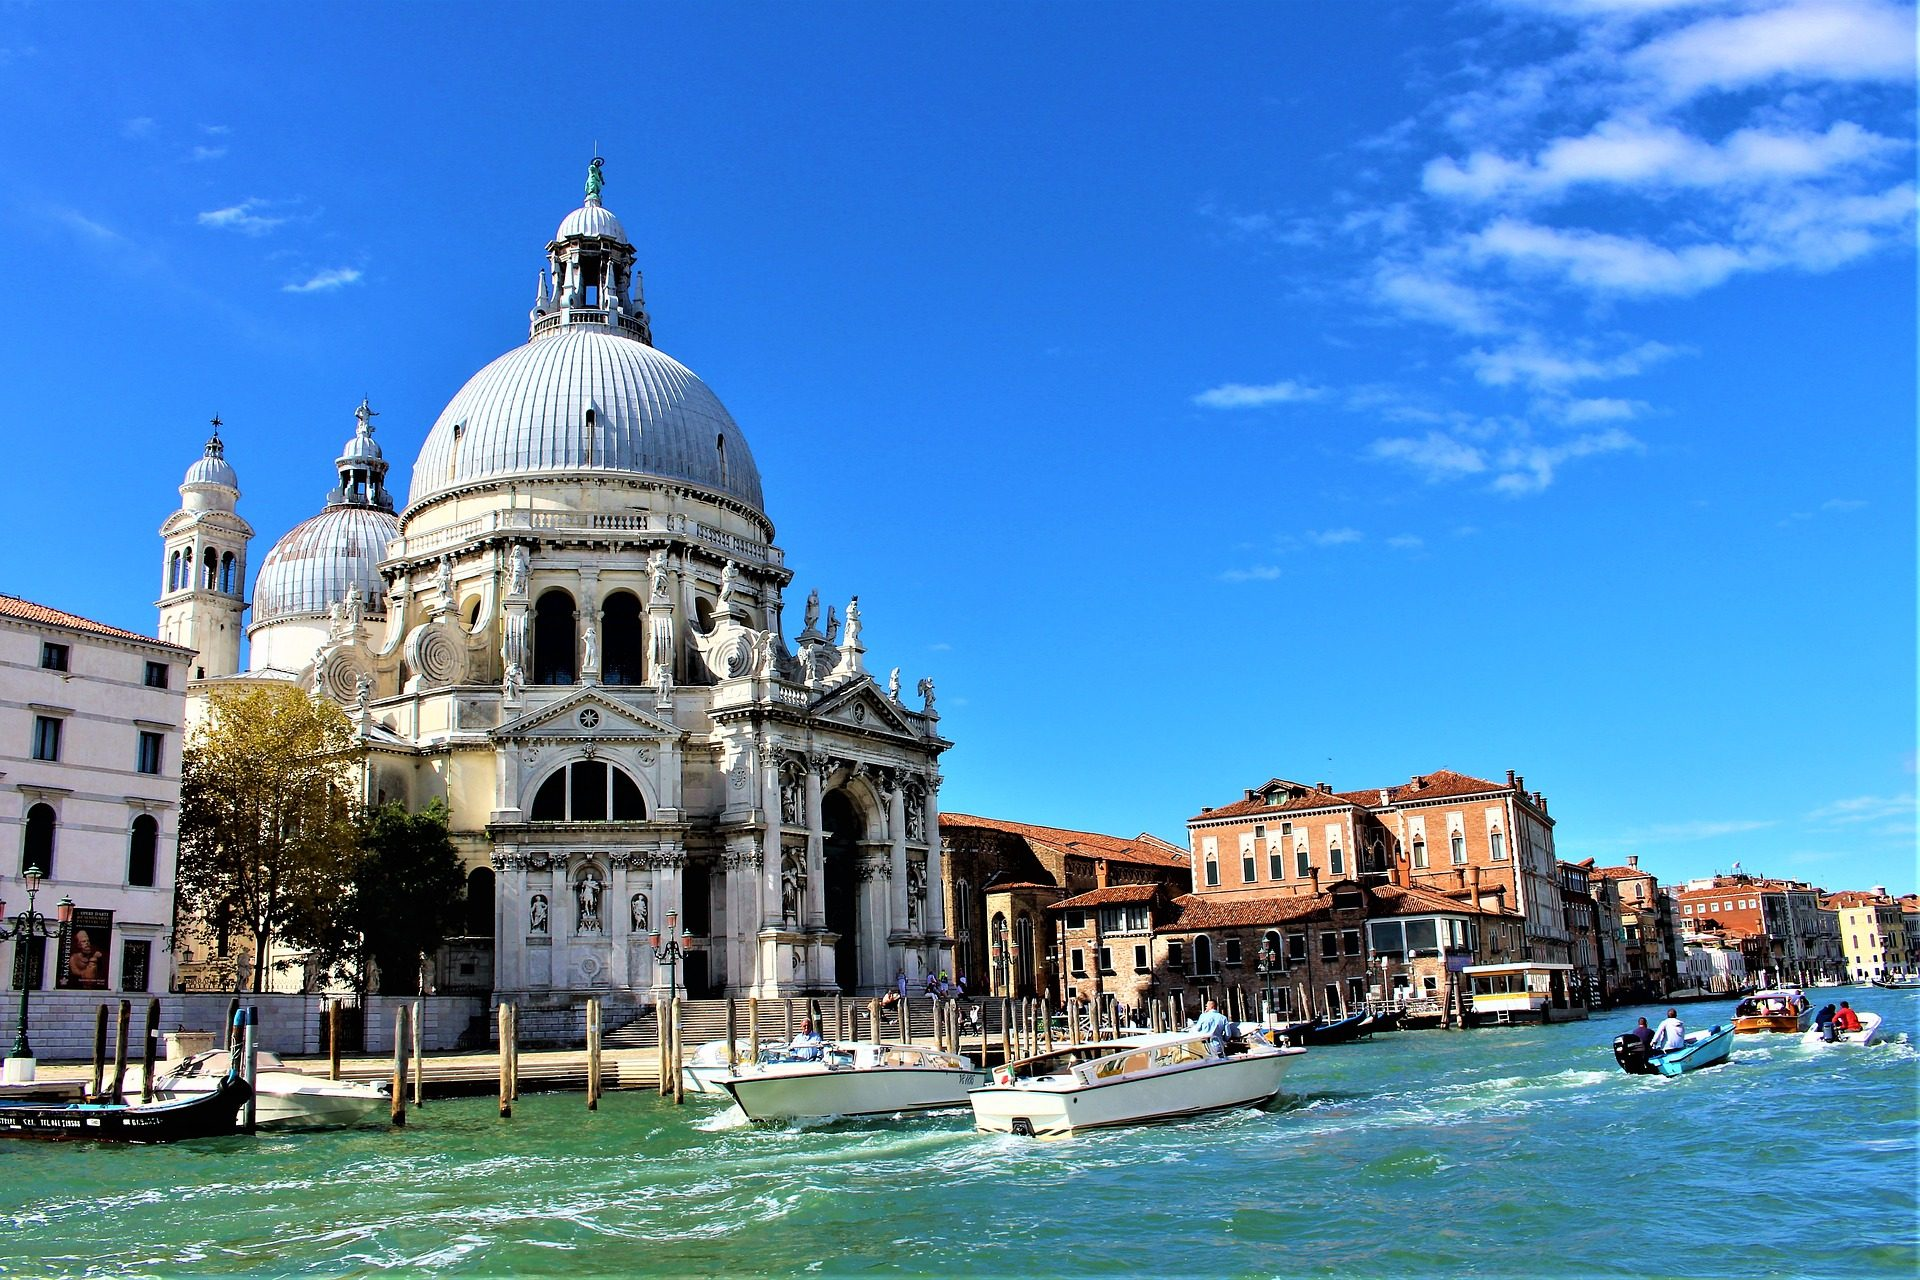 Igreja, Catedral, canal, Barcos, Cidade, Veneza - Papéis de parede HD - Professor-falken.com